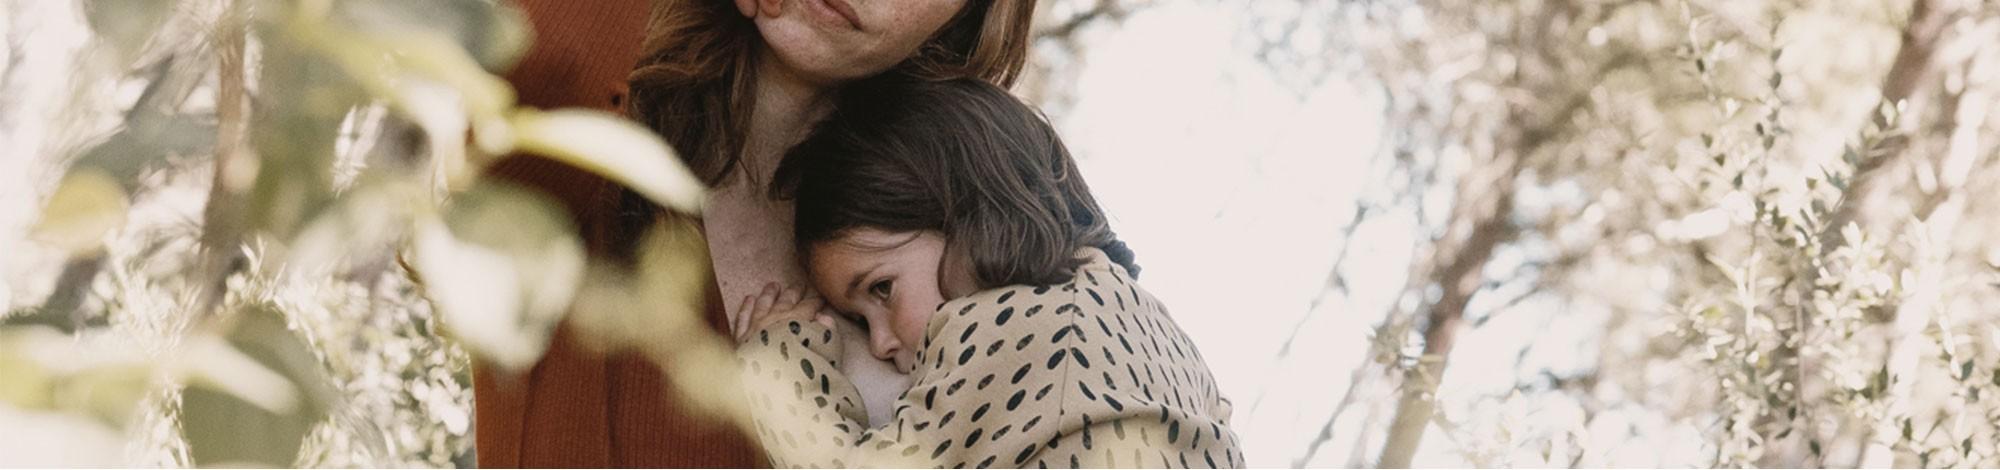 Prendas para mamás lactates. Perfectas para dar el pecho a tu bebé